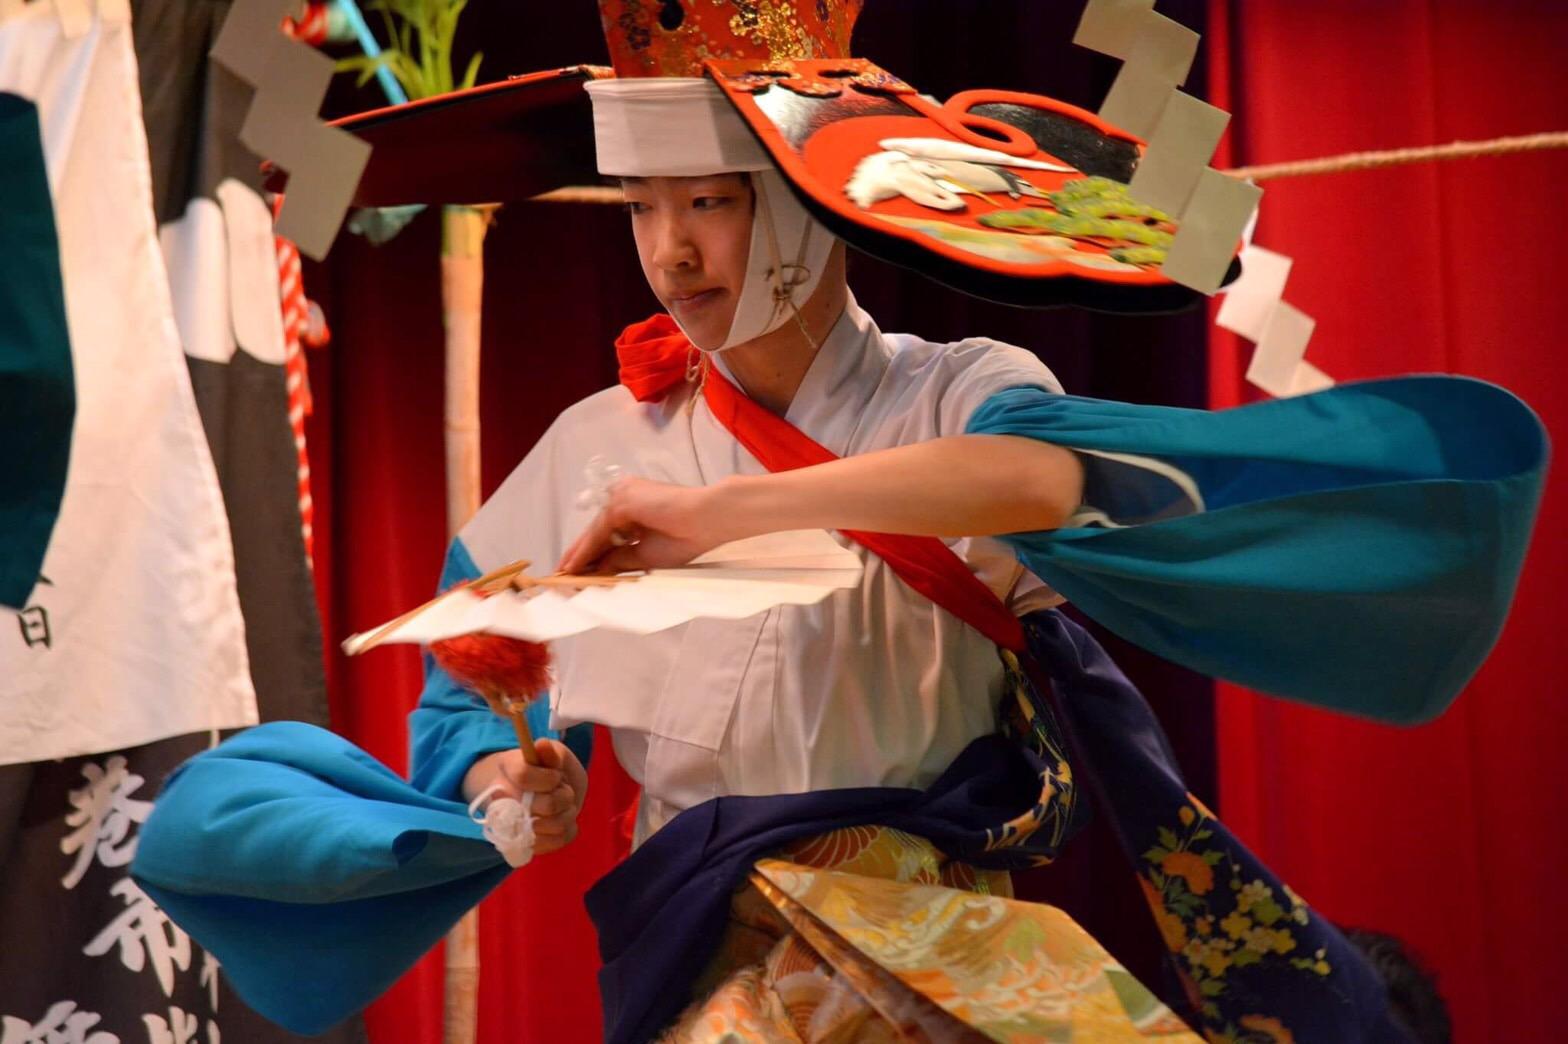 高橋滉太さんの演舞